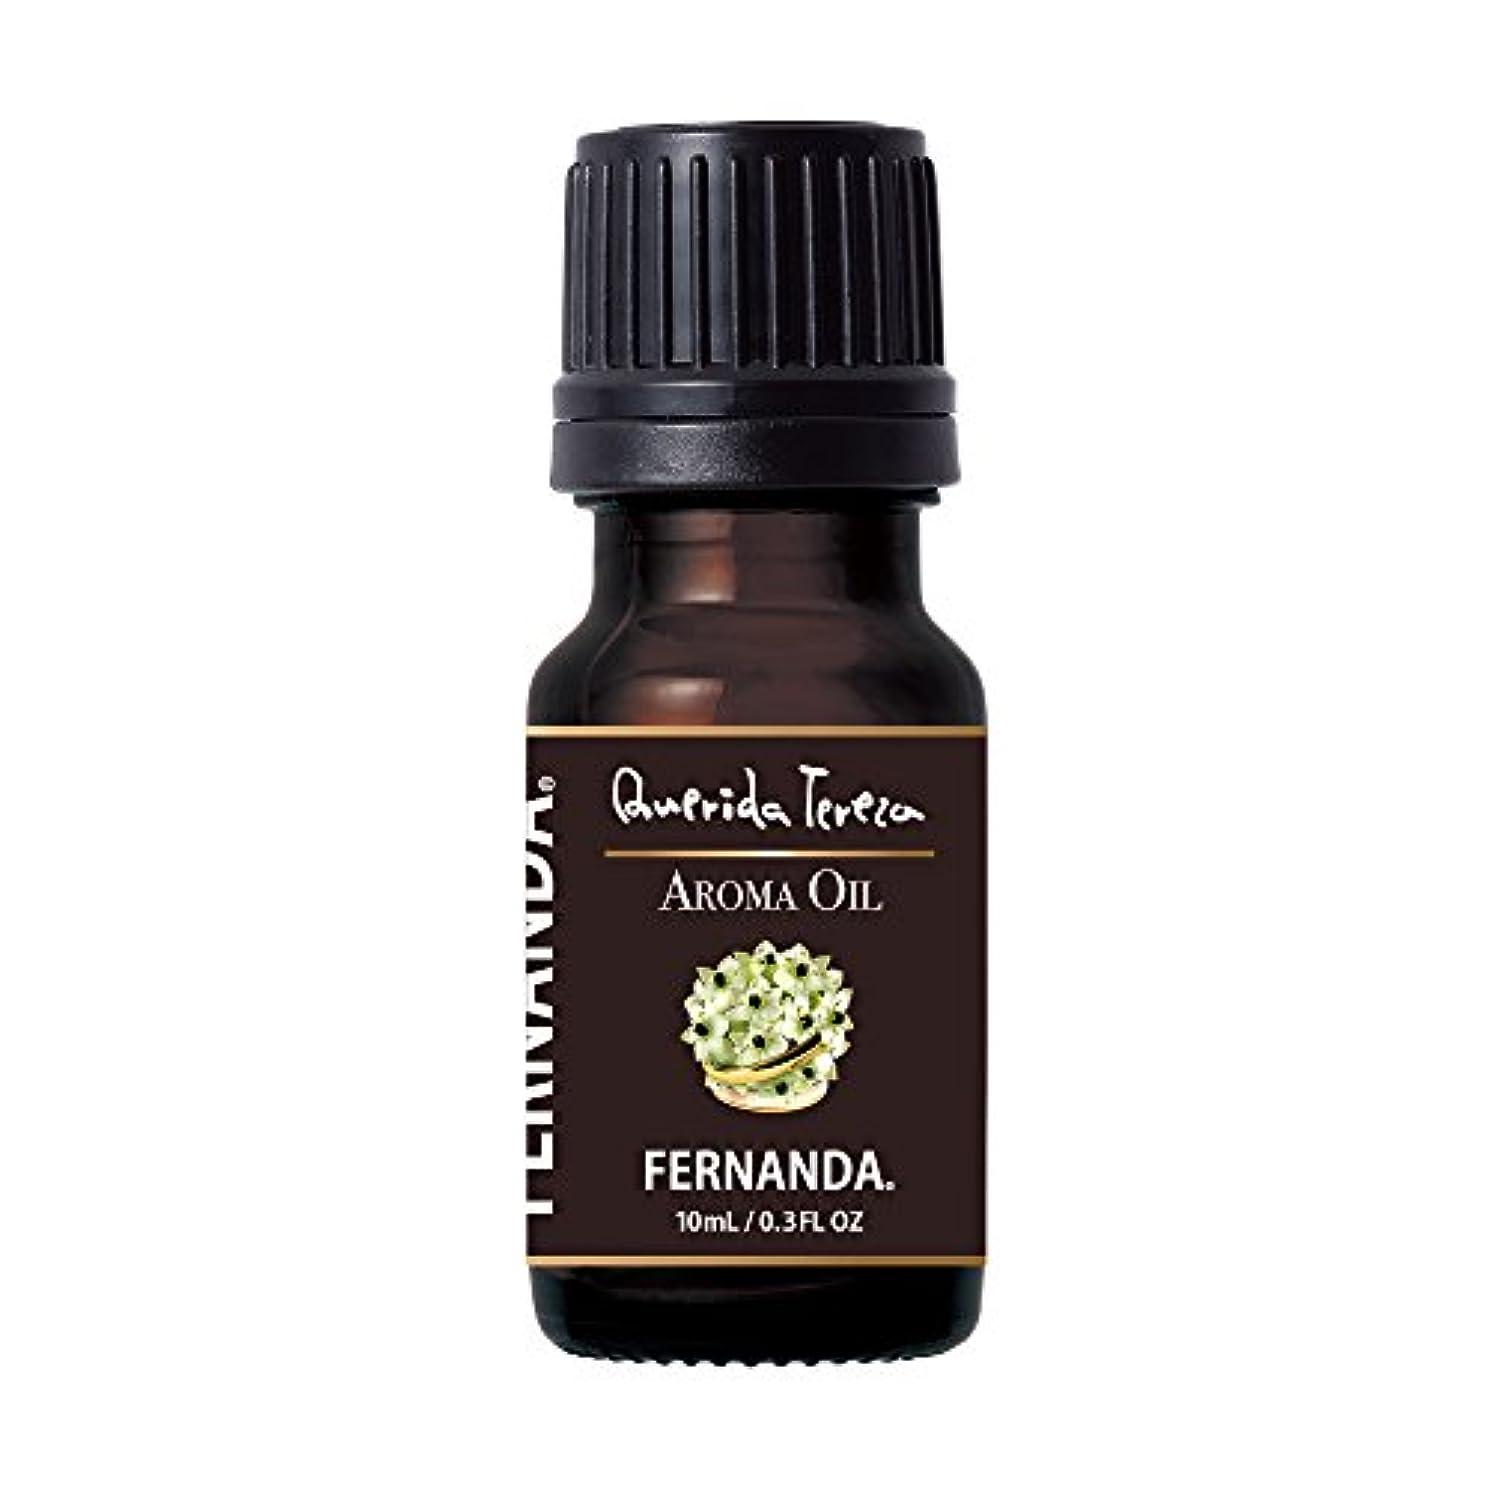 代表する把握こどもセンターFERNANDA(フェルナンダ) Fragrance Aroma Oil Querida Tereza (アロマオイル ケリーダテレーザ)